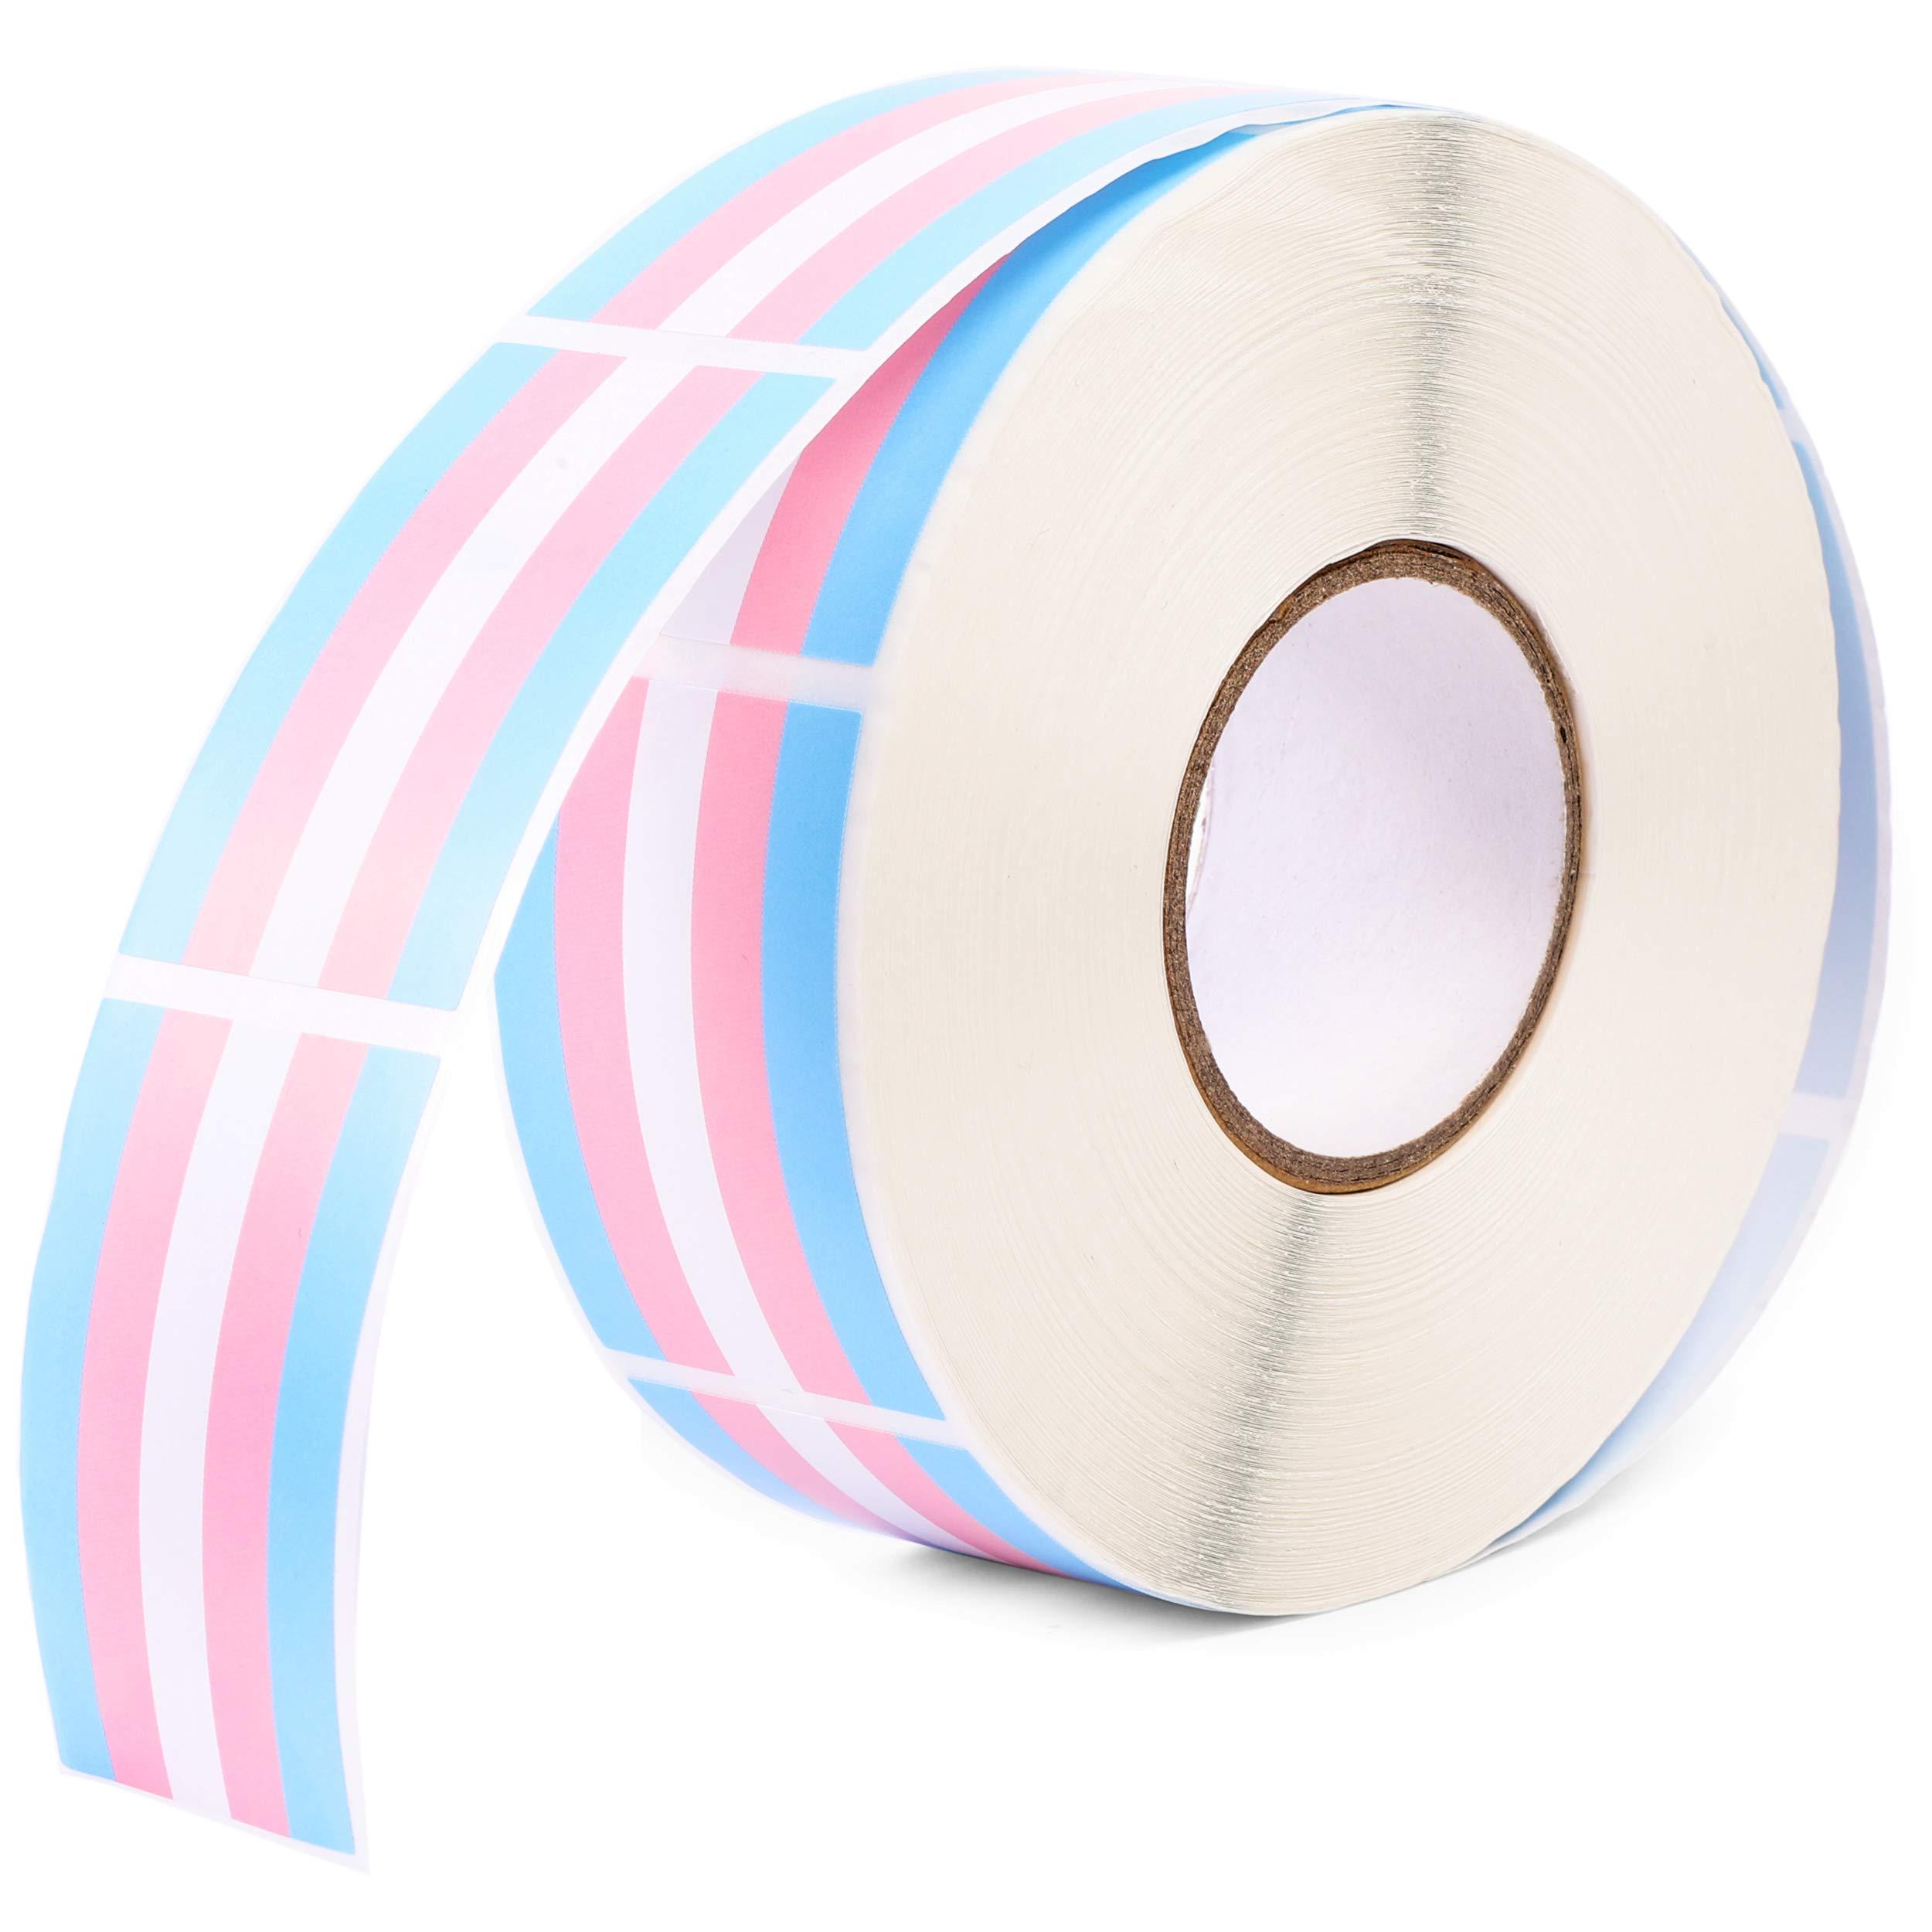 Blue Panda Pegatinas de Orgullo de la Bandera transgénero (Colores Pastel, Rollo de 1000): Amazon.es: Juguetes y juegos